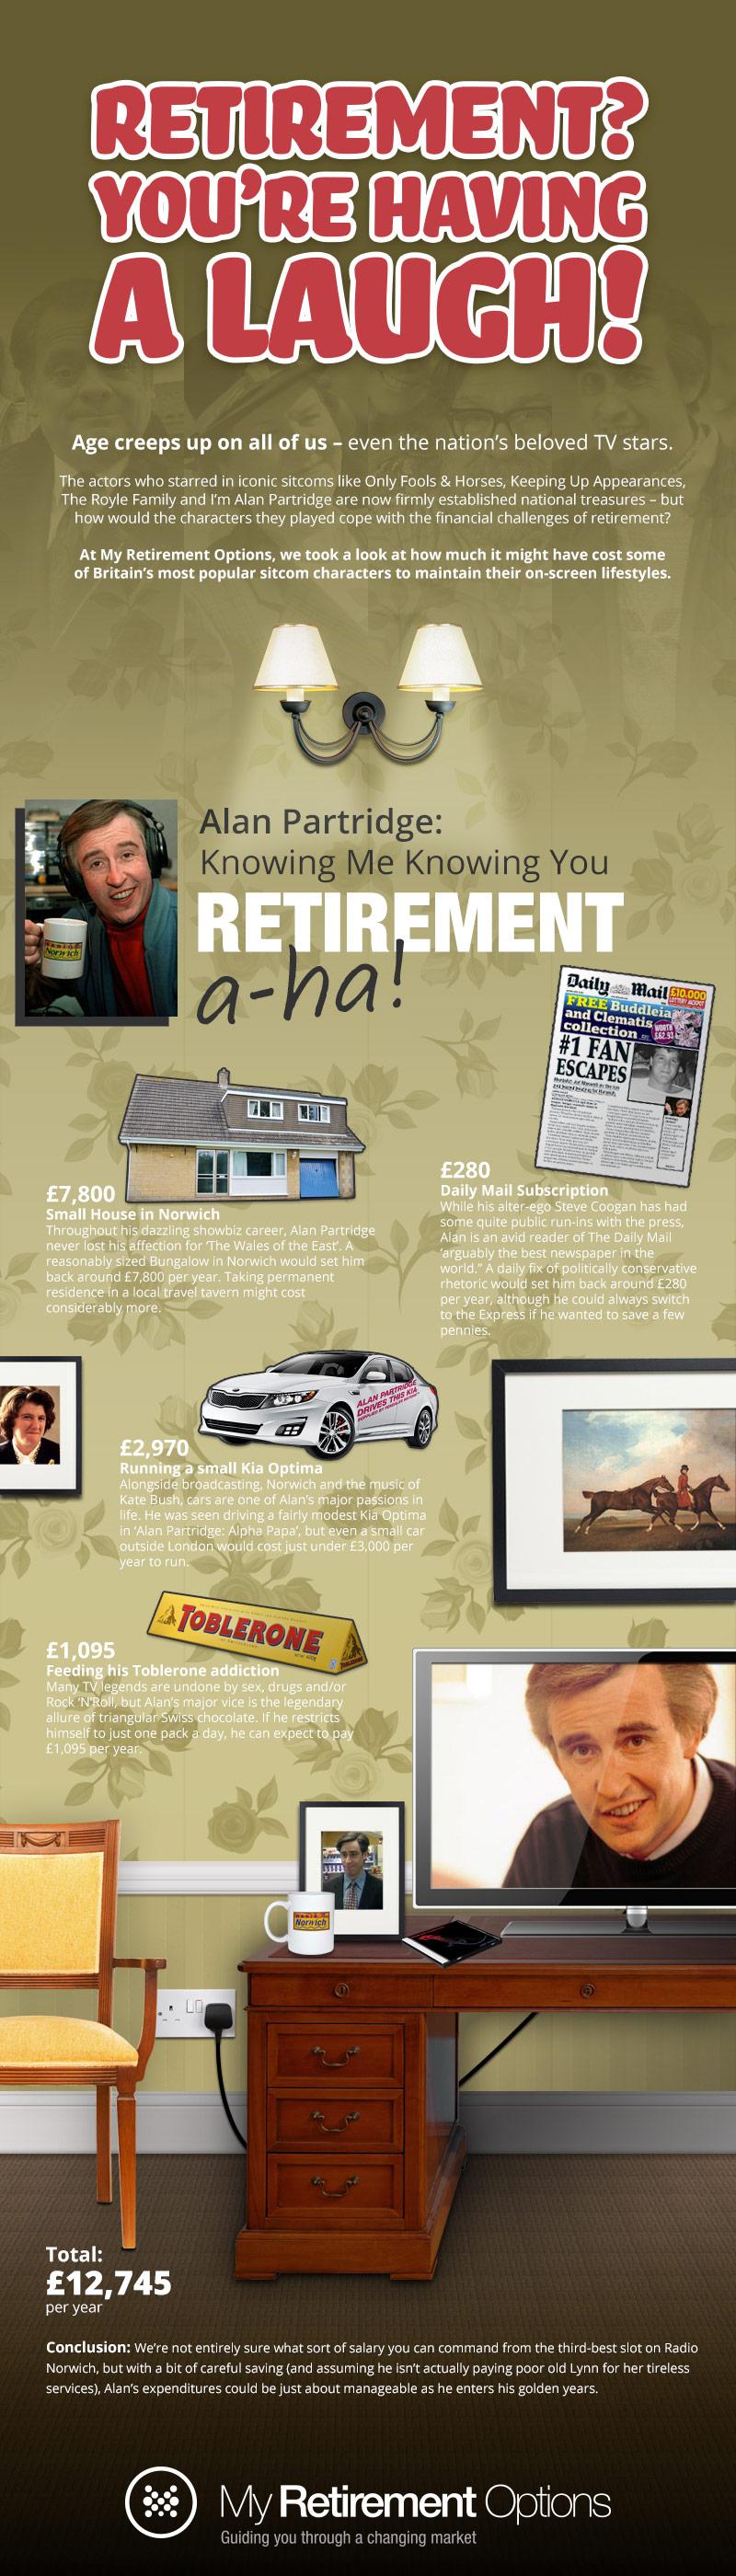 Alan Partridge in Retirement - A-Ha!